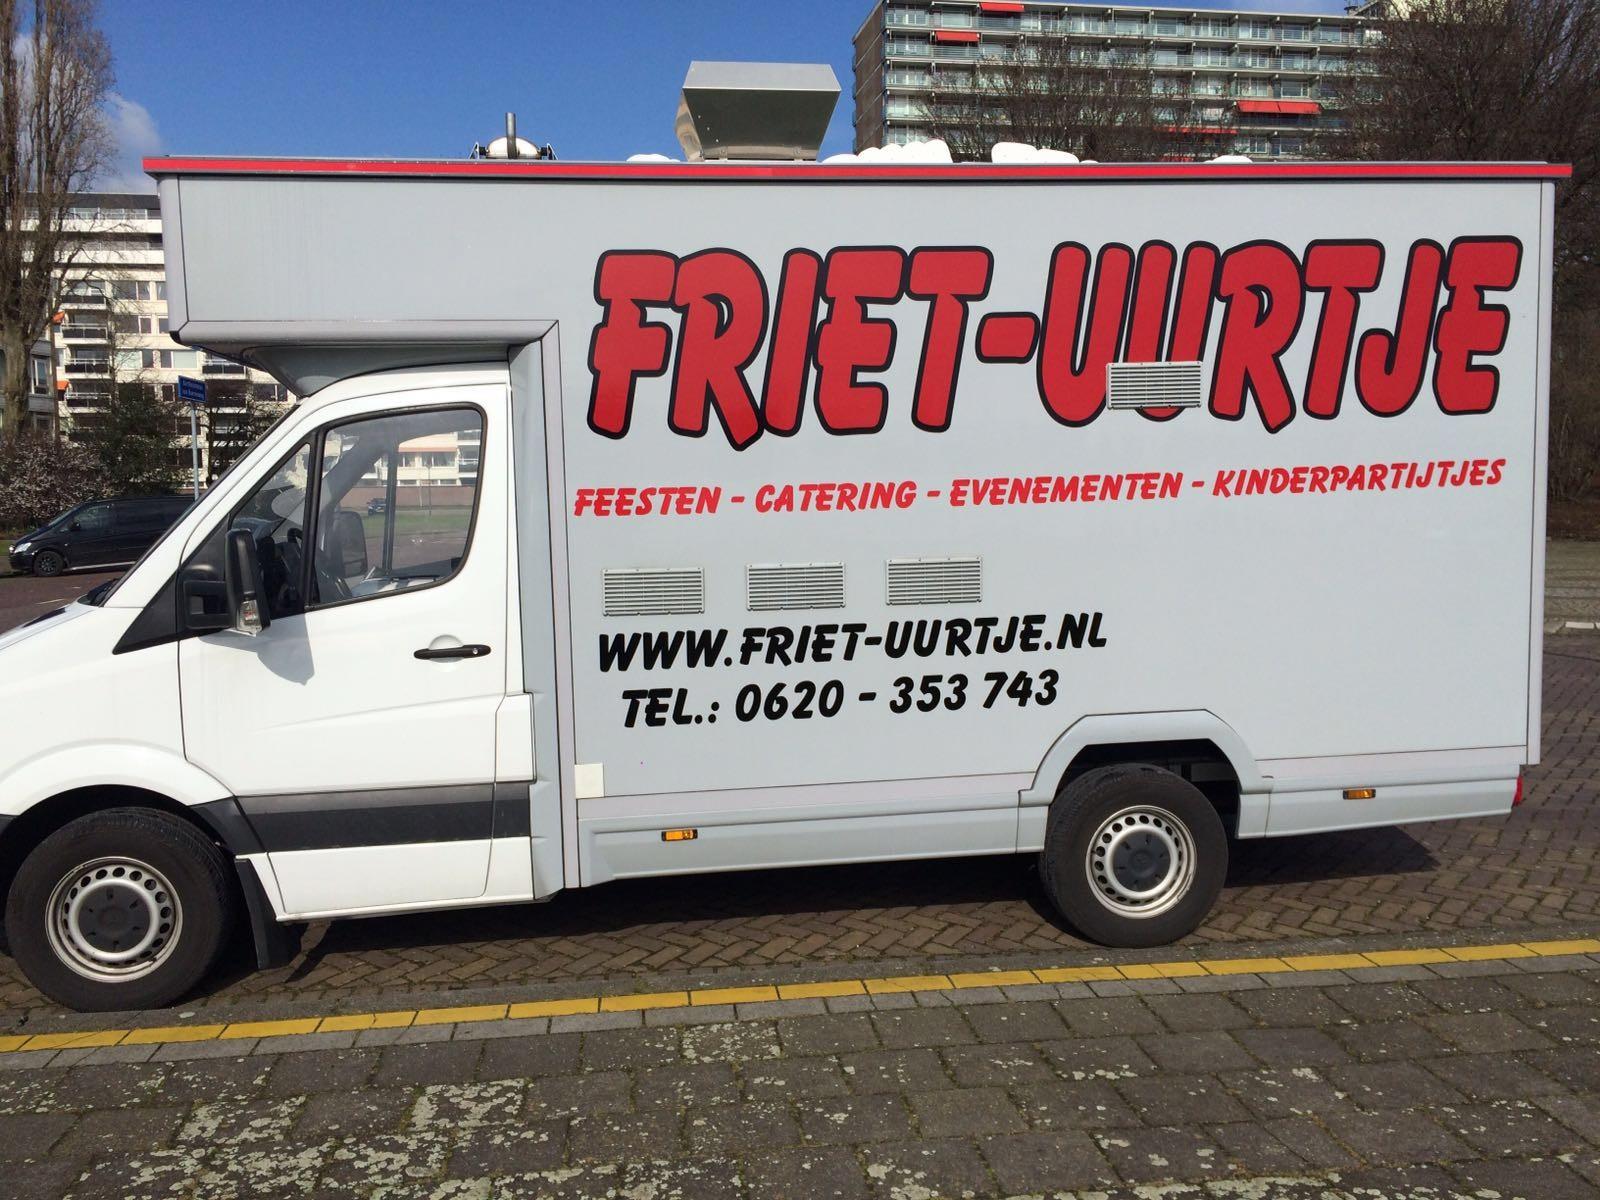 Snackwagen verhuur Friet-uurtje.nl